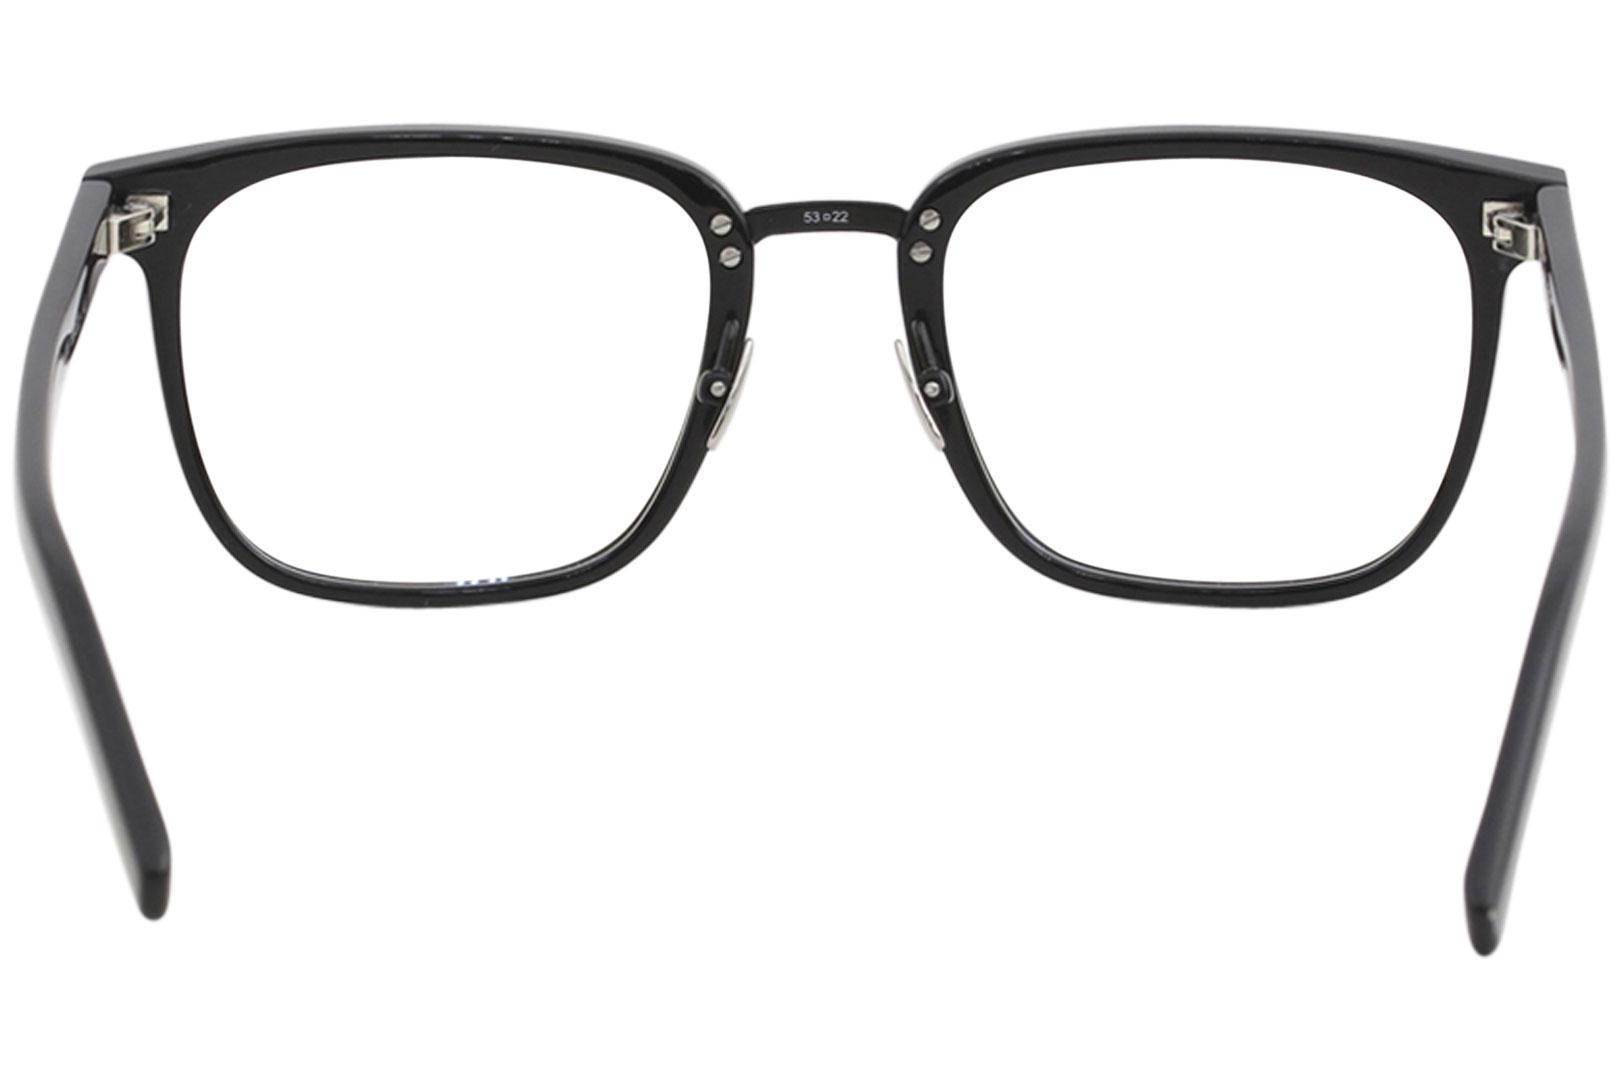 f70edc1e6b3 Saint Laurent Men s Eyeglasses SL222 SL 222 Full Rim Optical Frame by Saint  Laurent. 12345